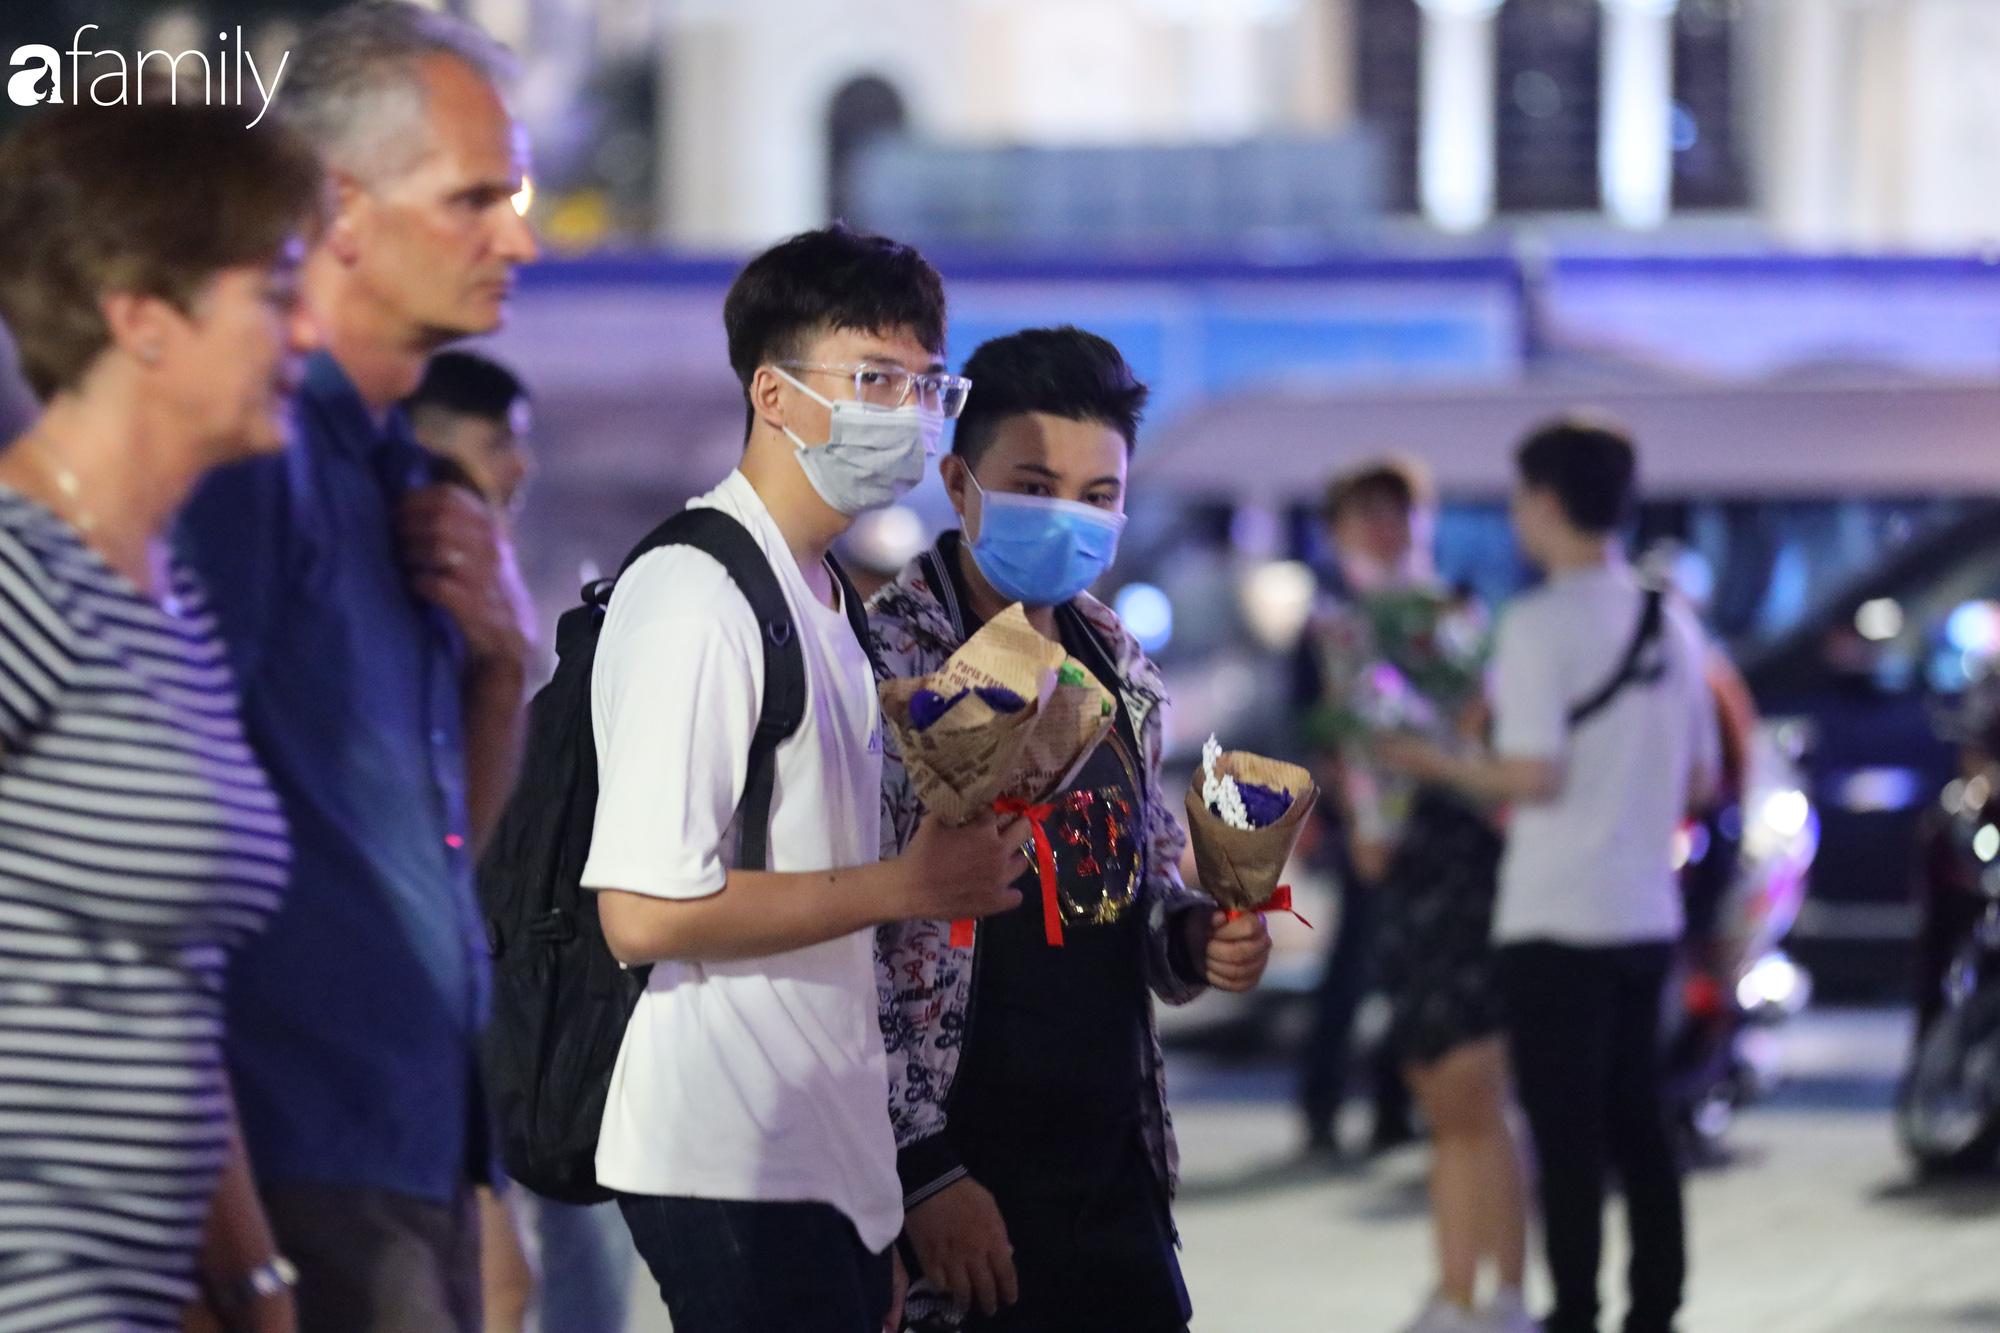 Valentine Hà Nội - Sài Gòn vắng vẻ đìu hiu vì dịch Corona, từ trung tâm thương mại đến phố phường đều ít bóng tình nhân đi chơi - Ảnh 16.